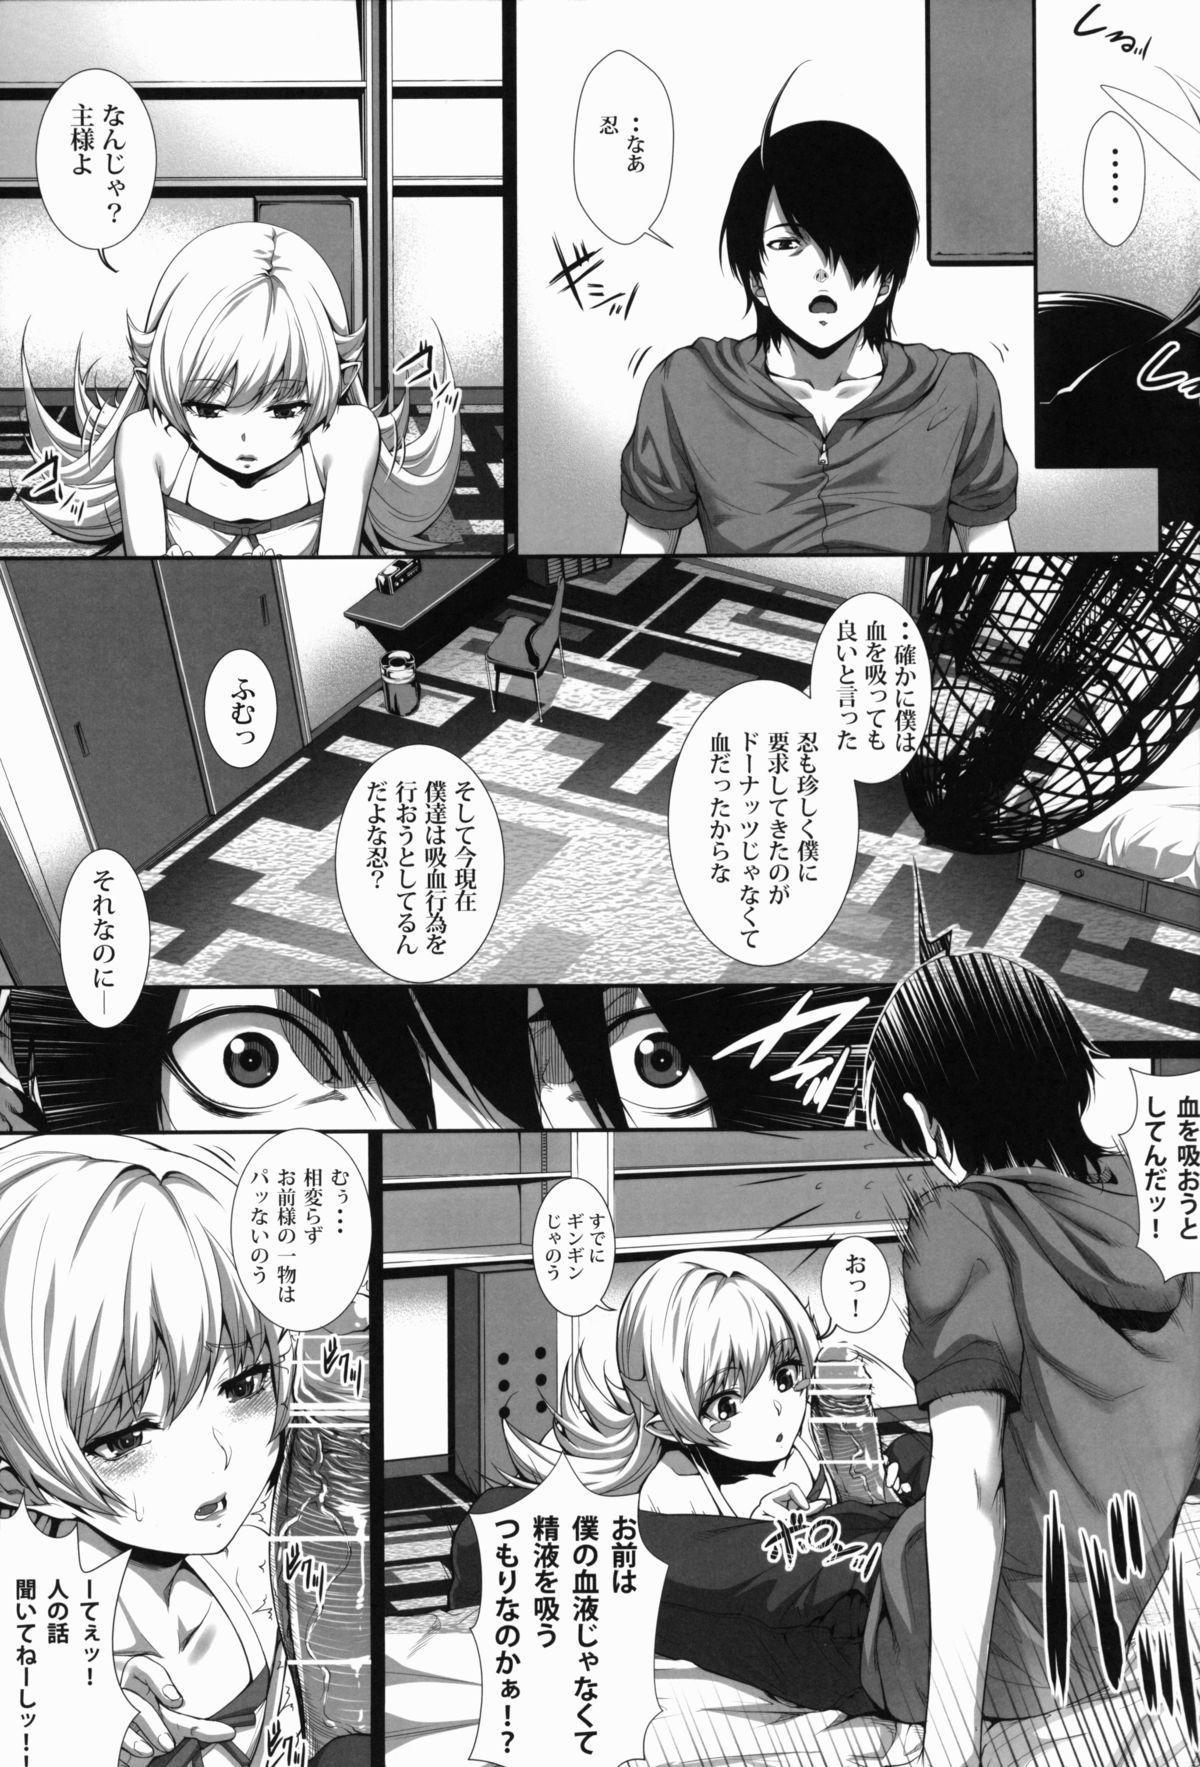 Kyuuketsuki no Kyuuketsu Koui 4